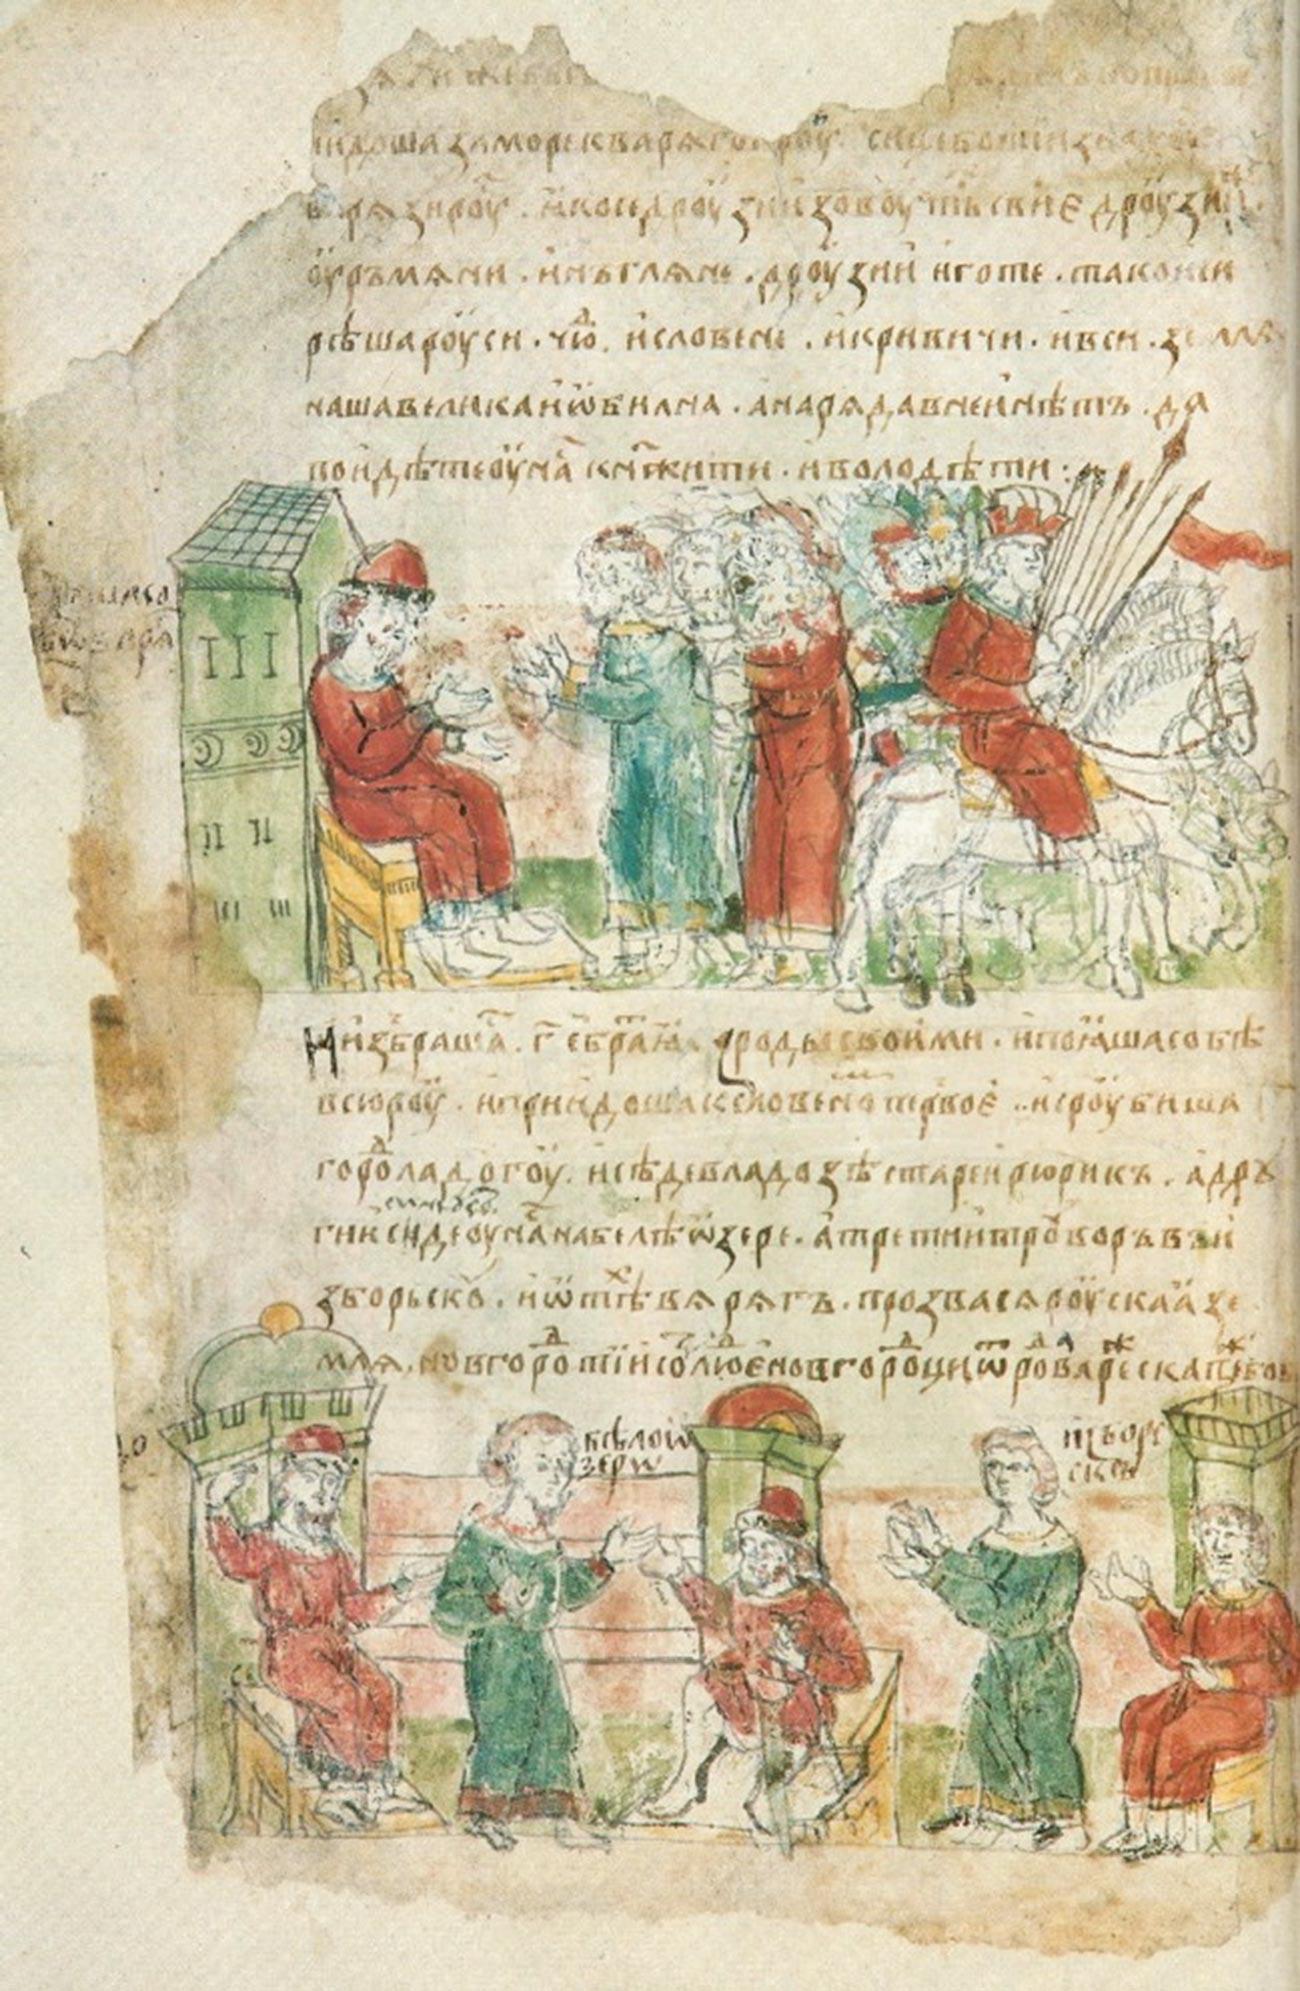 Долазак Јурика у Новгород, 15. век